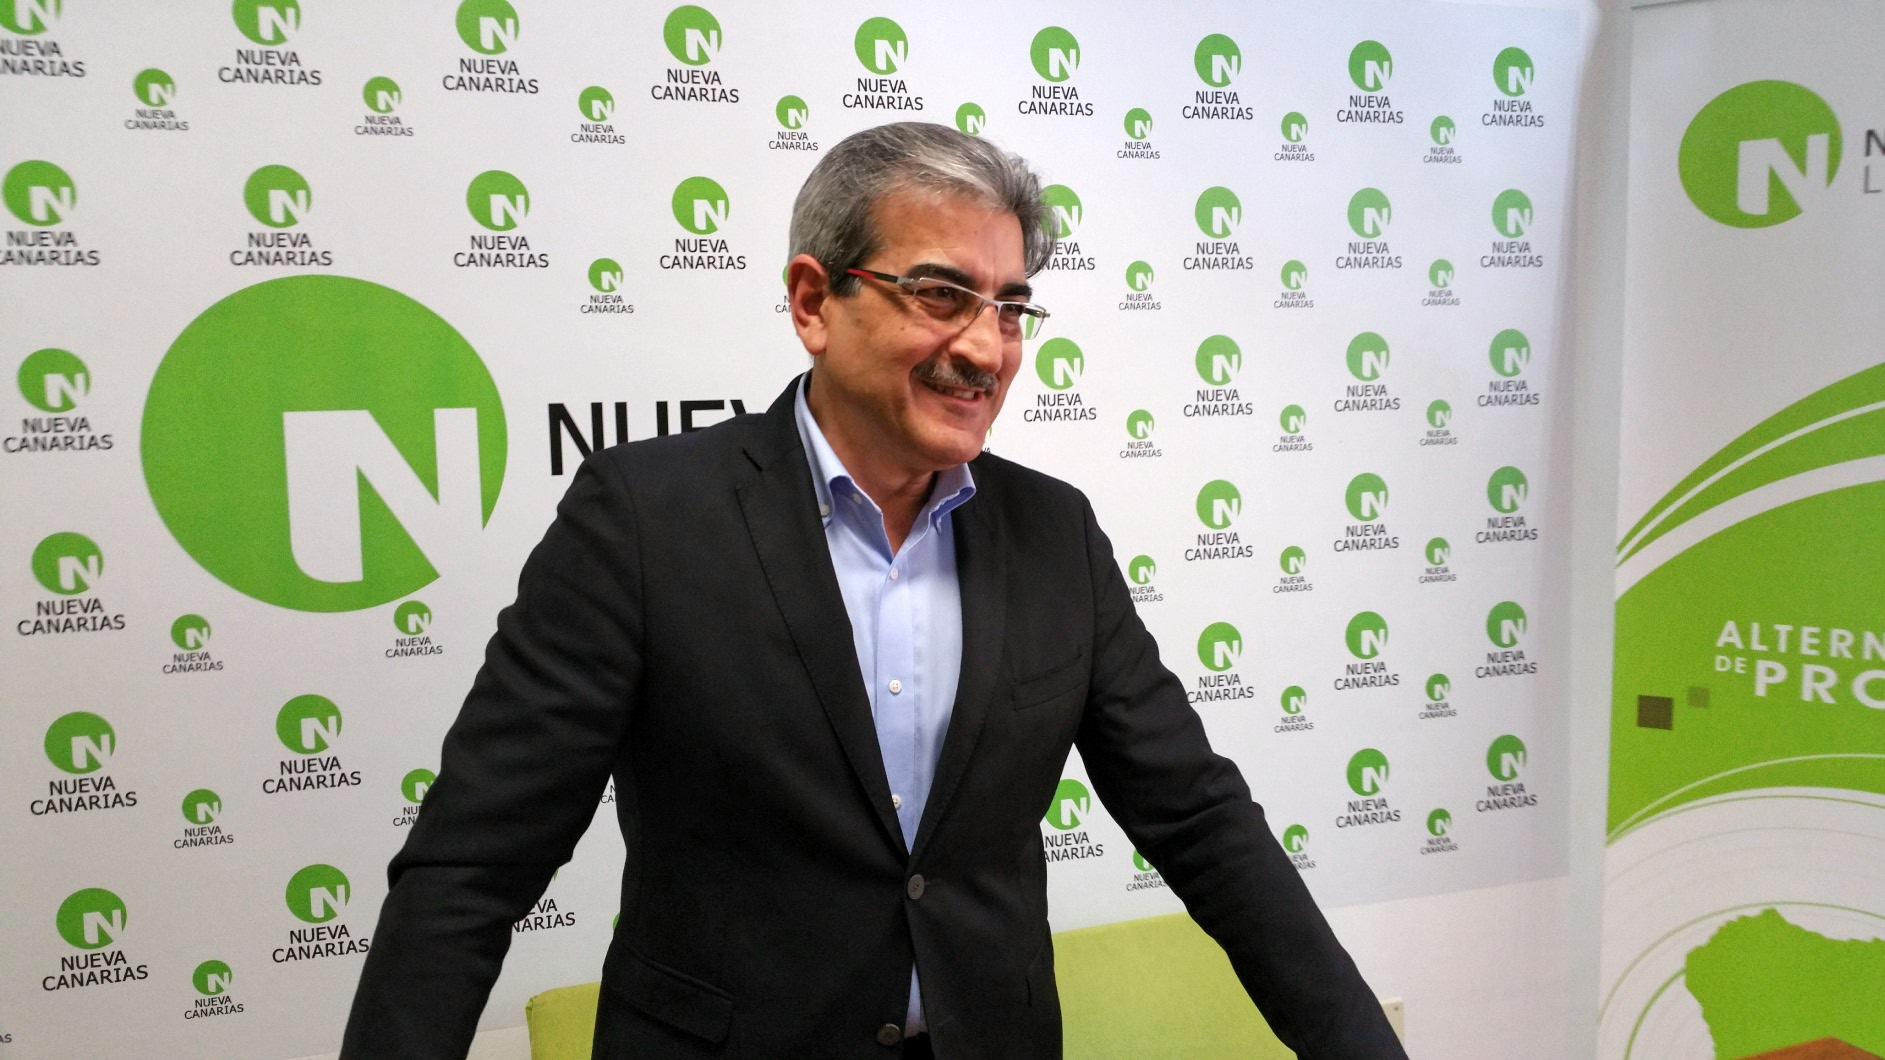 Nueva Canarias apoyará la moción de censura contra Mariano Rajoy